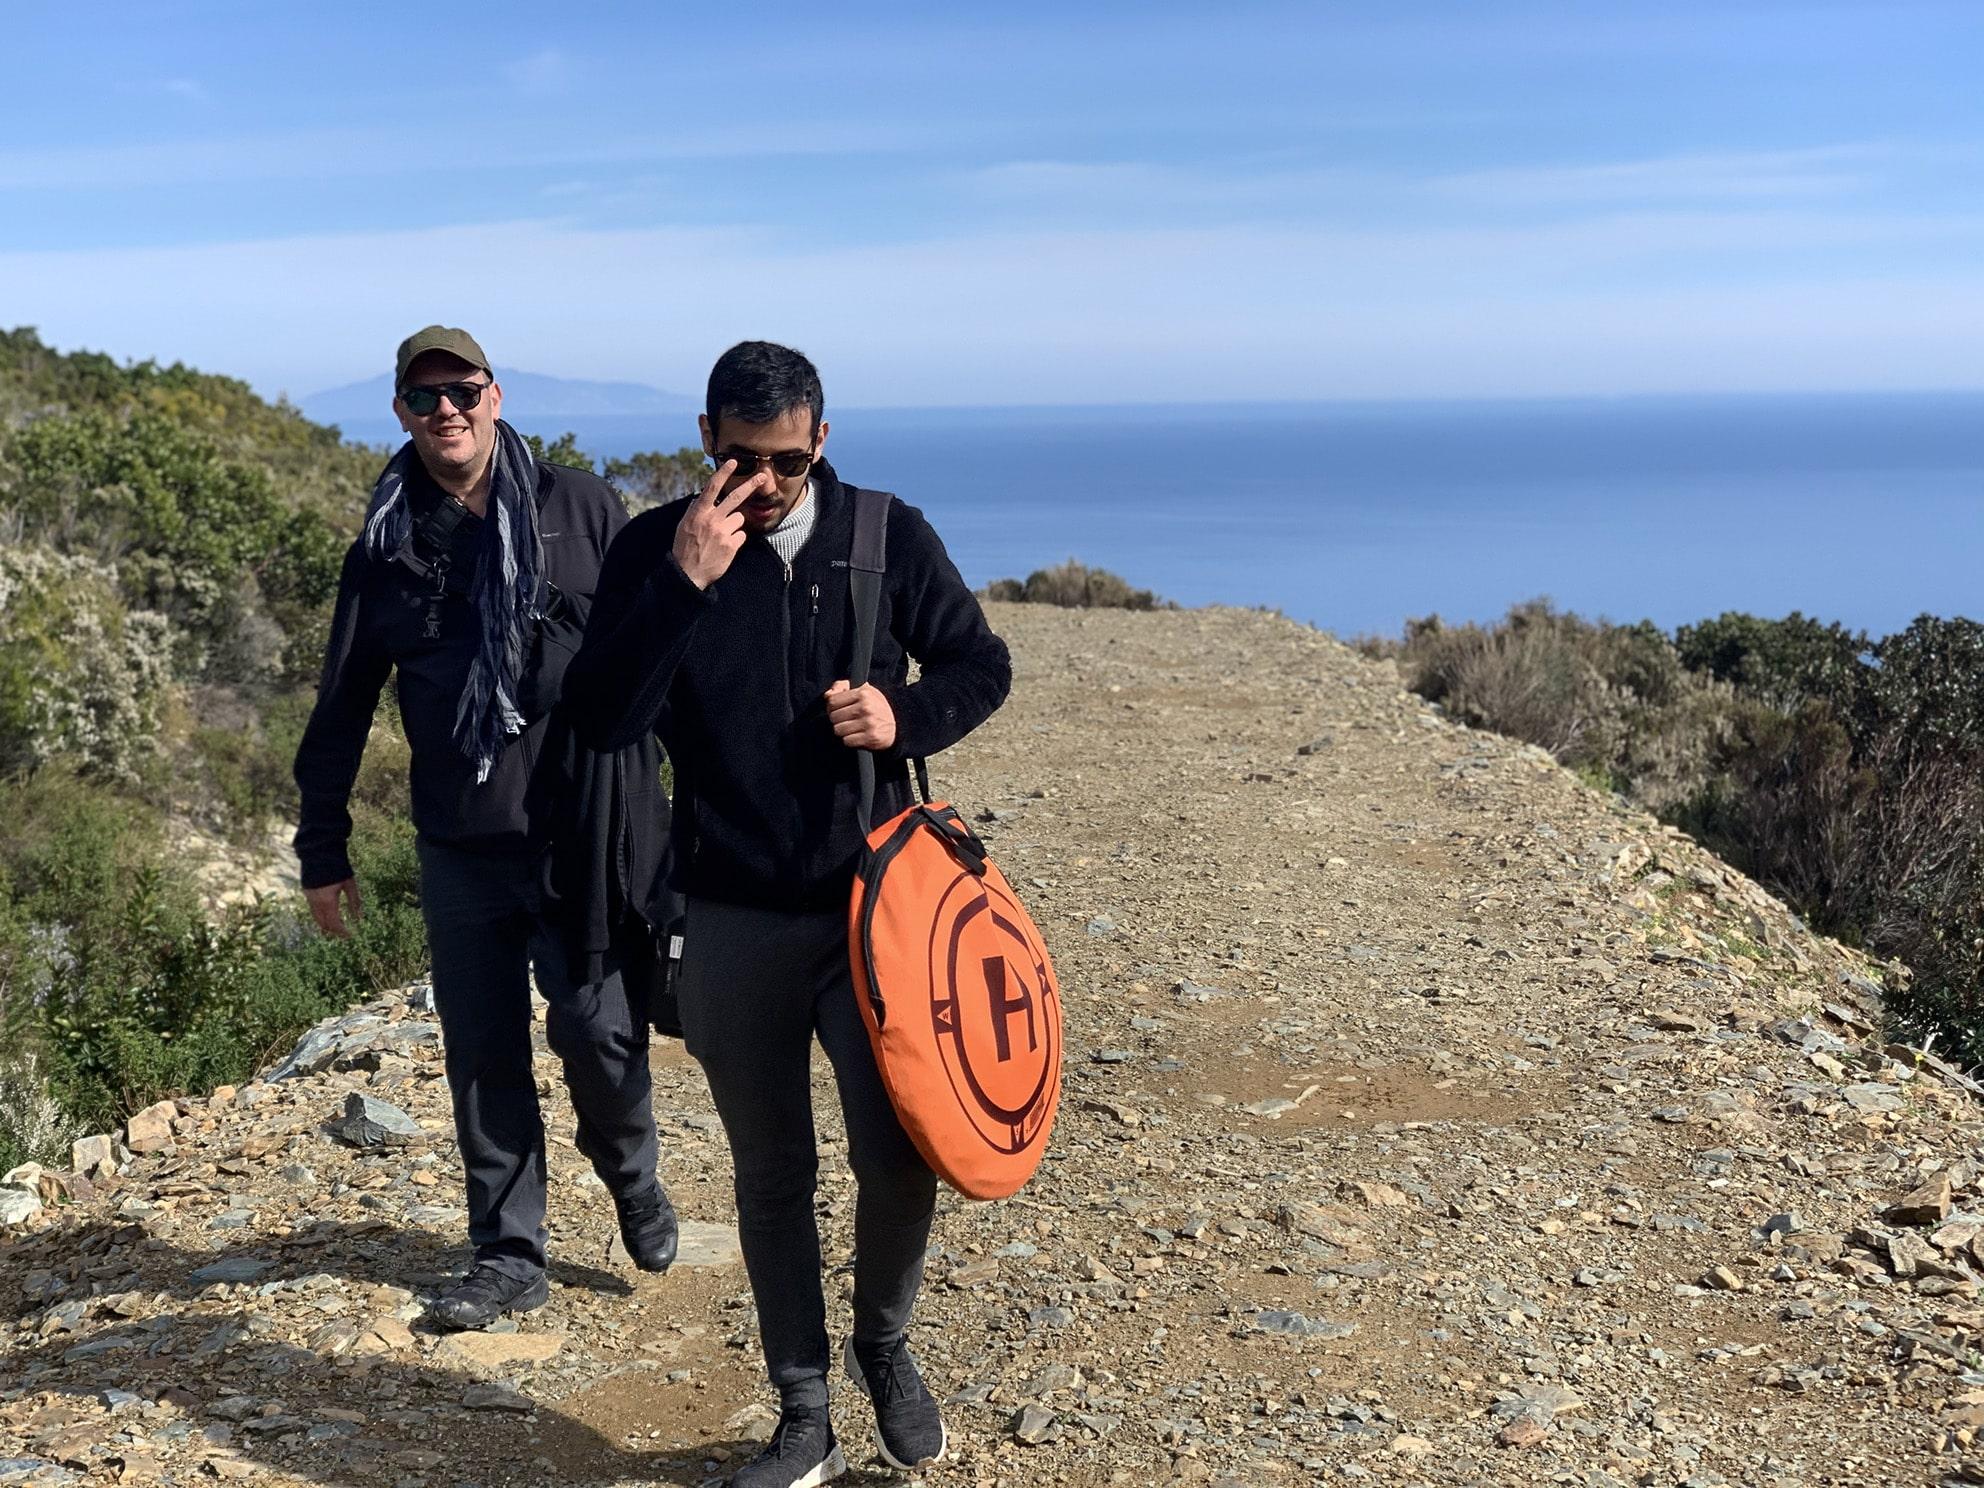 Apprenants-drone-en-corse-Mars-2020-min